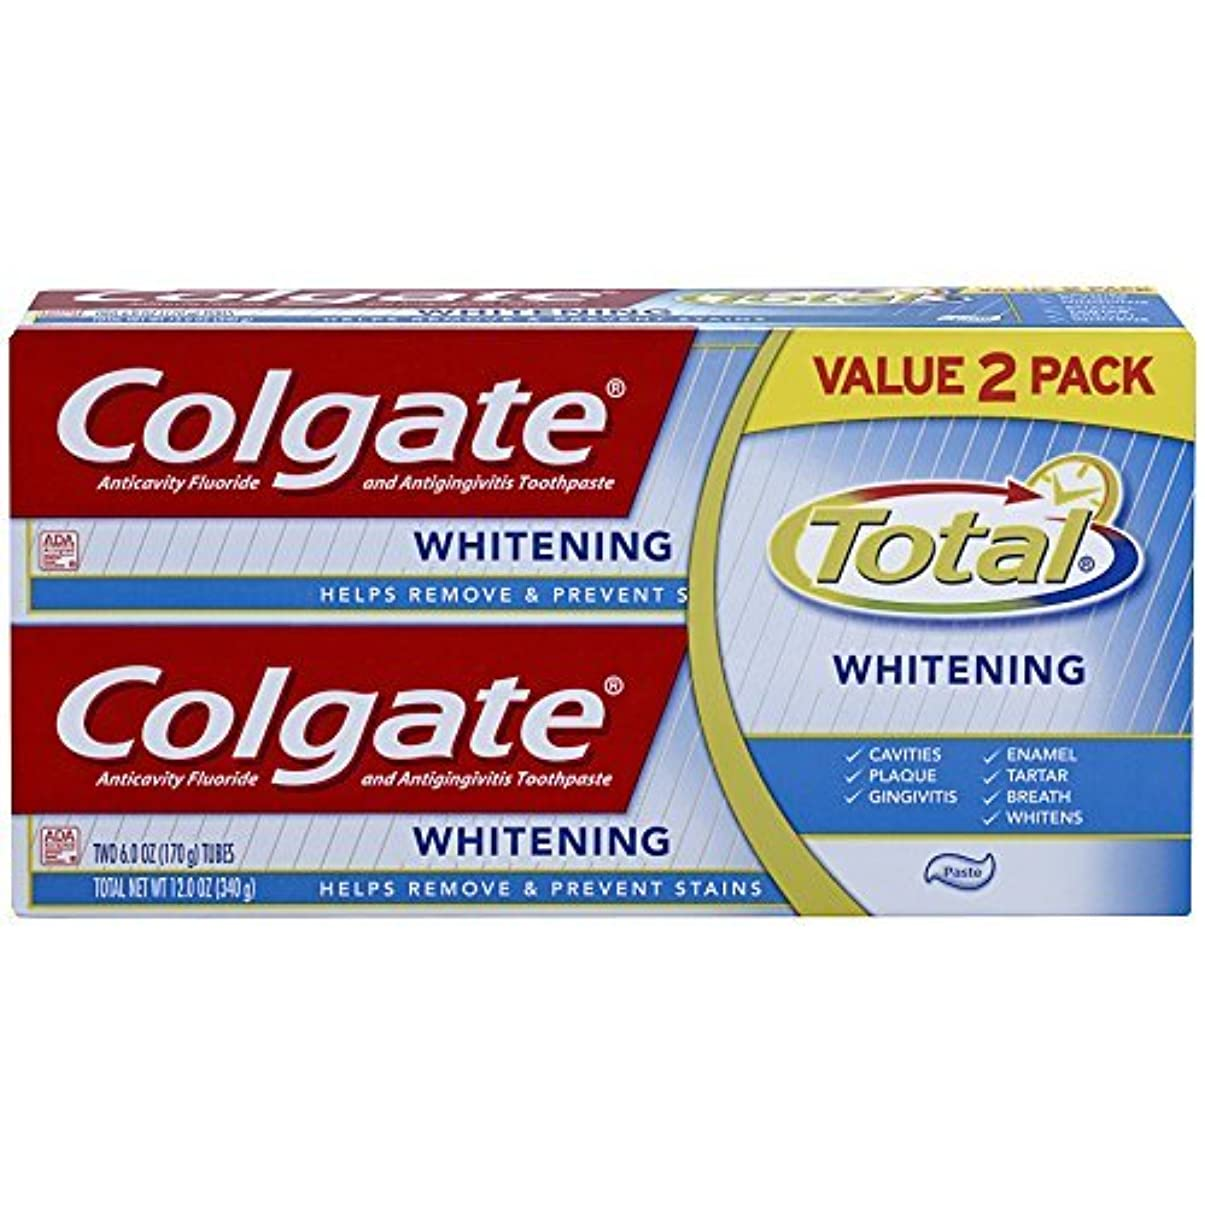 費やす欠如昼寝Colgate Total Whitening Toothpaste Twin Pack - 6 ounce [並行輸入品]